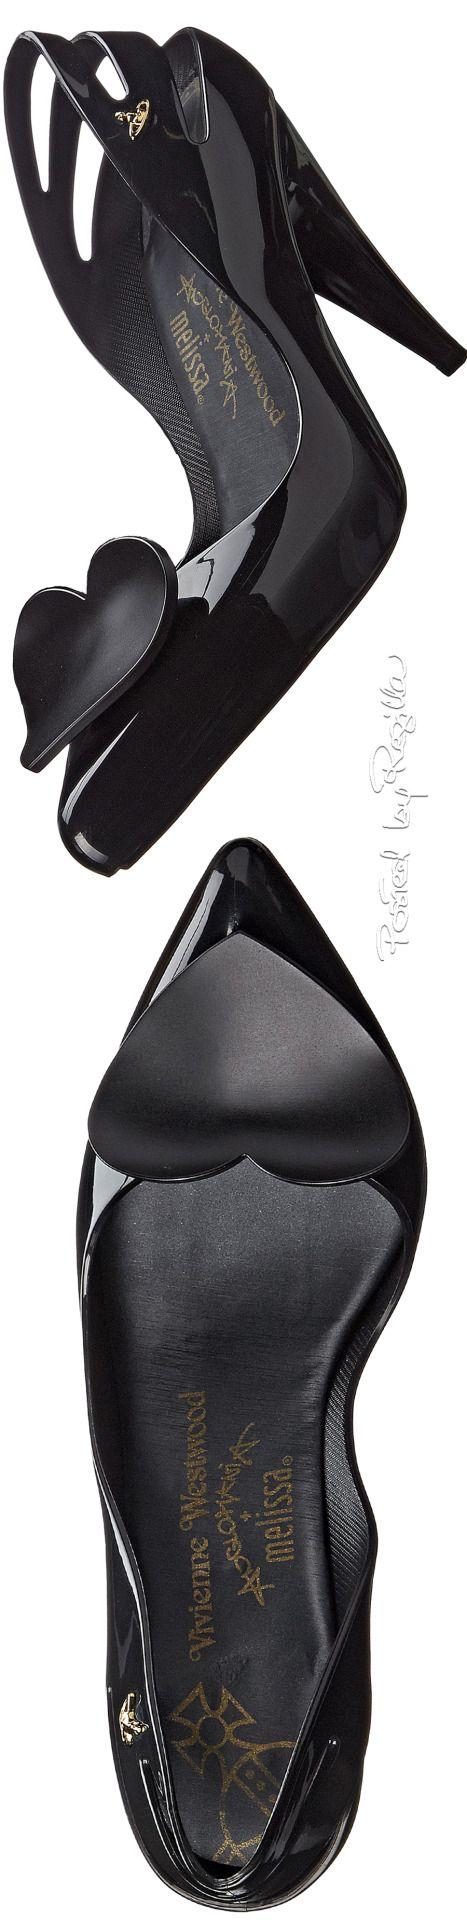 ~ ALL BLACK EVERYTHING~ Regilla ⚜ Vivienne Westwood